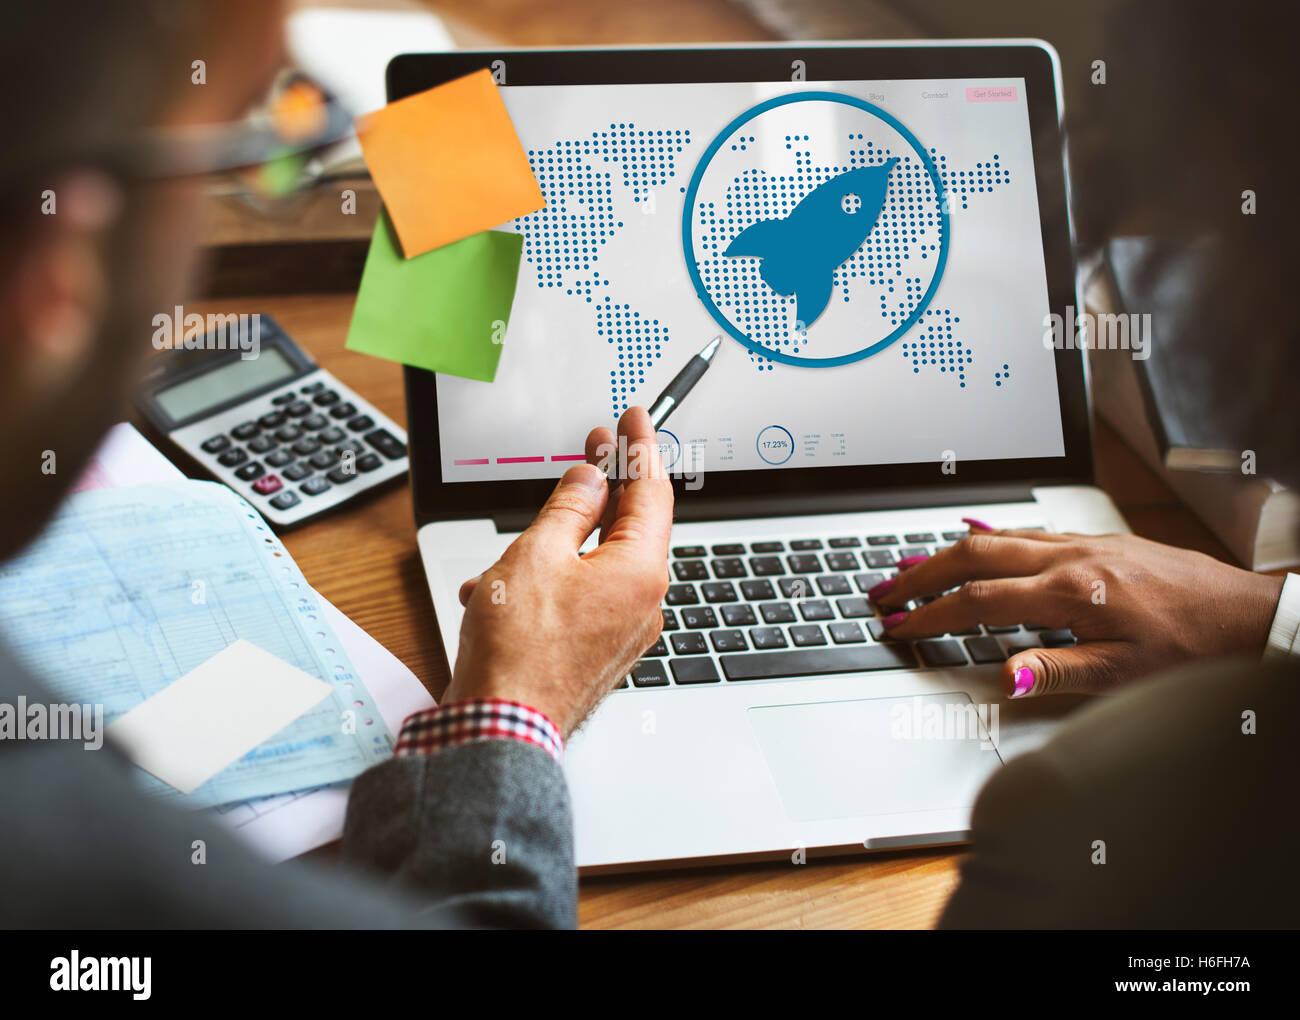 Inicio Inicio El crecimiento de nuevos negocios éxito concepto Imagen De Stock